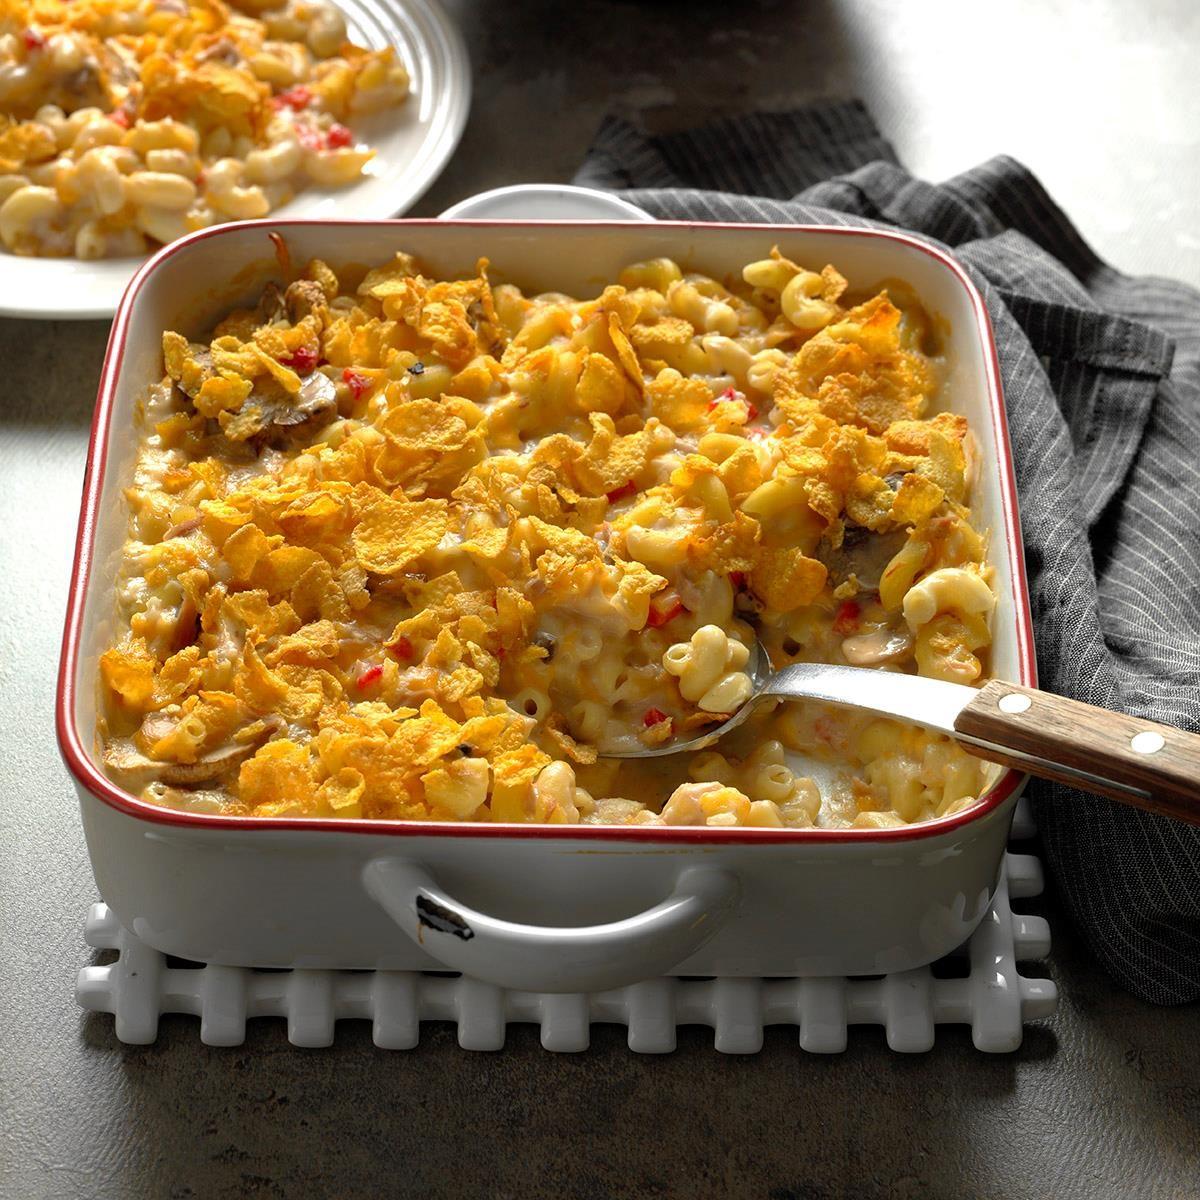 De Lightful Tuna Casserole Recipe Taste Of Home